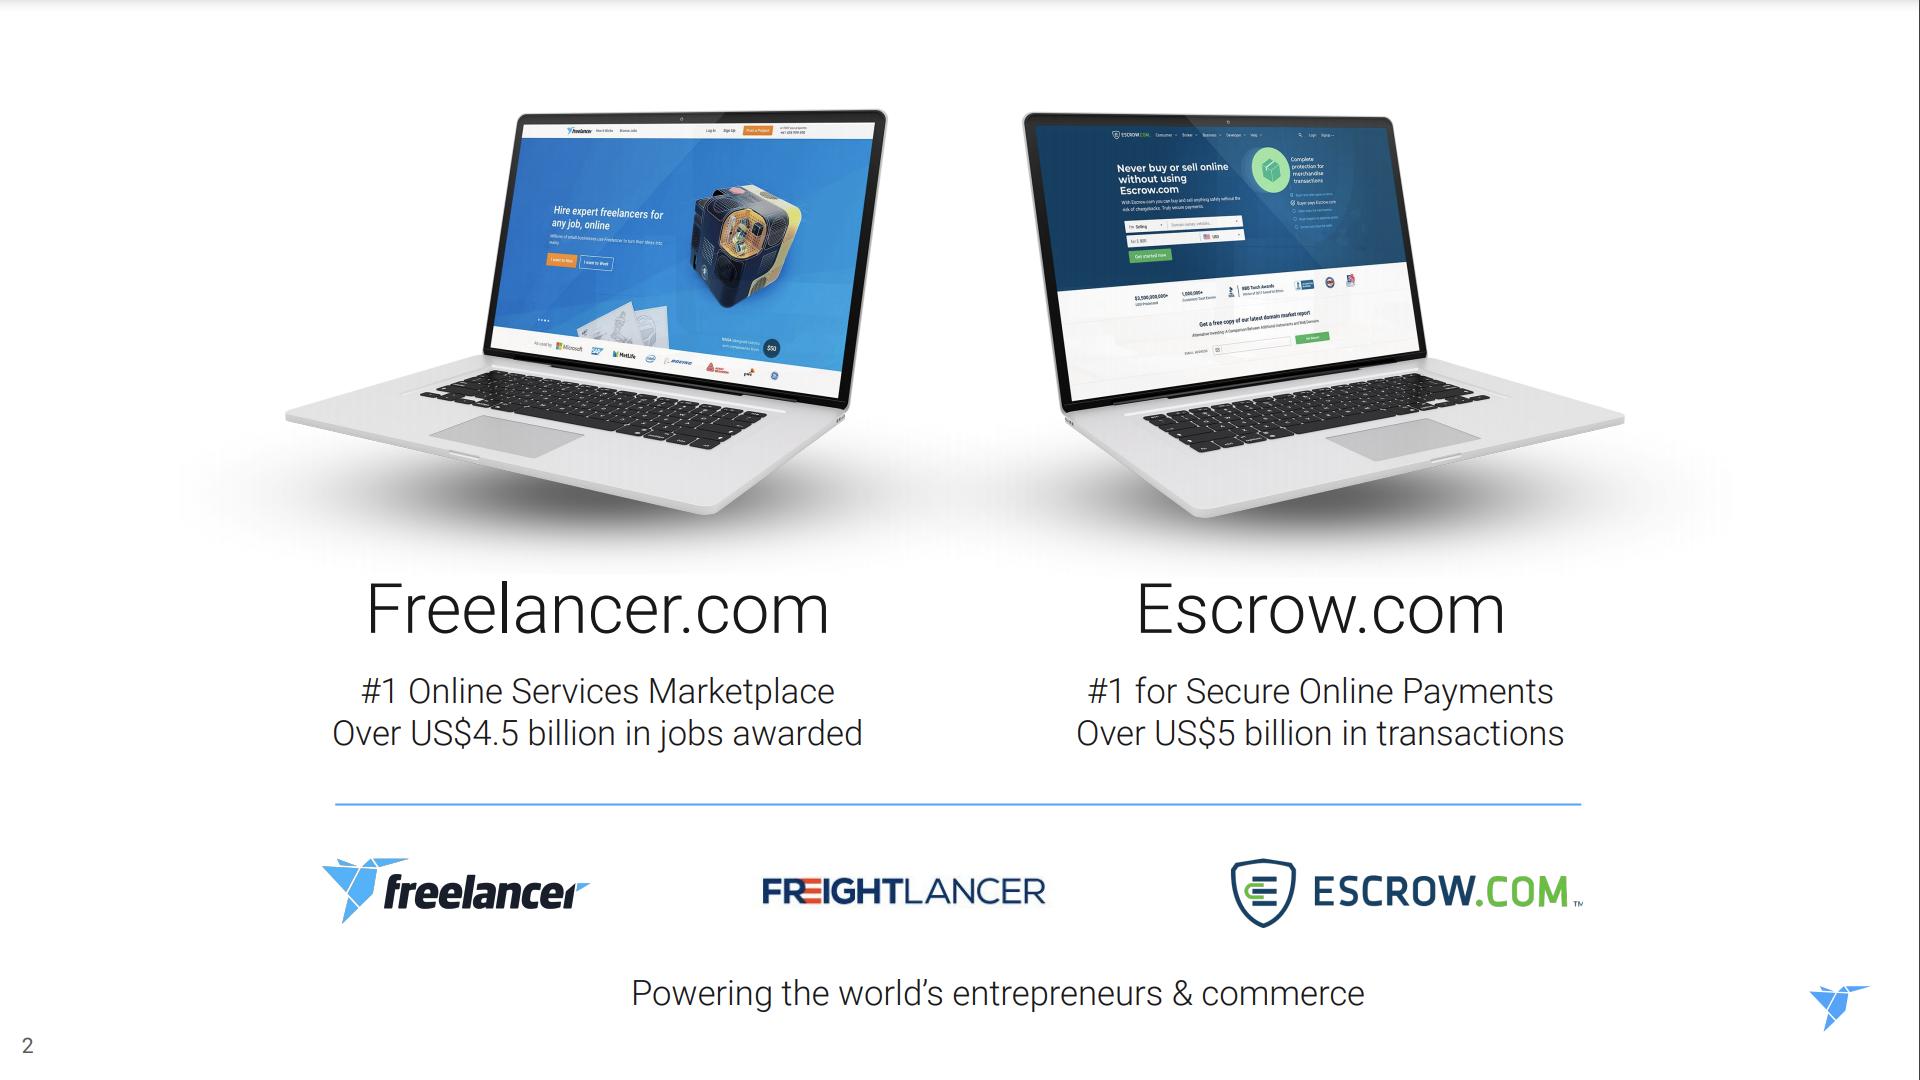 Freelancer brand